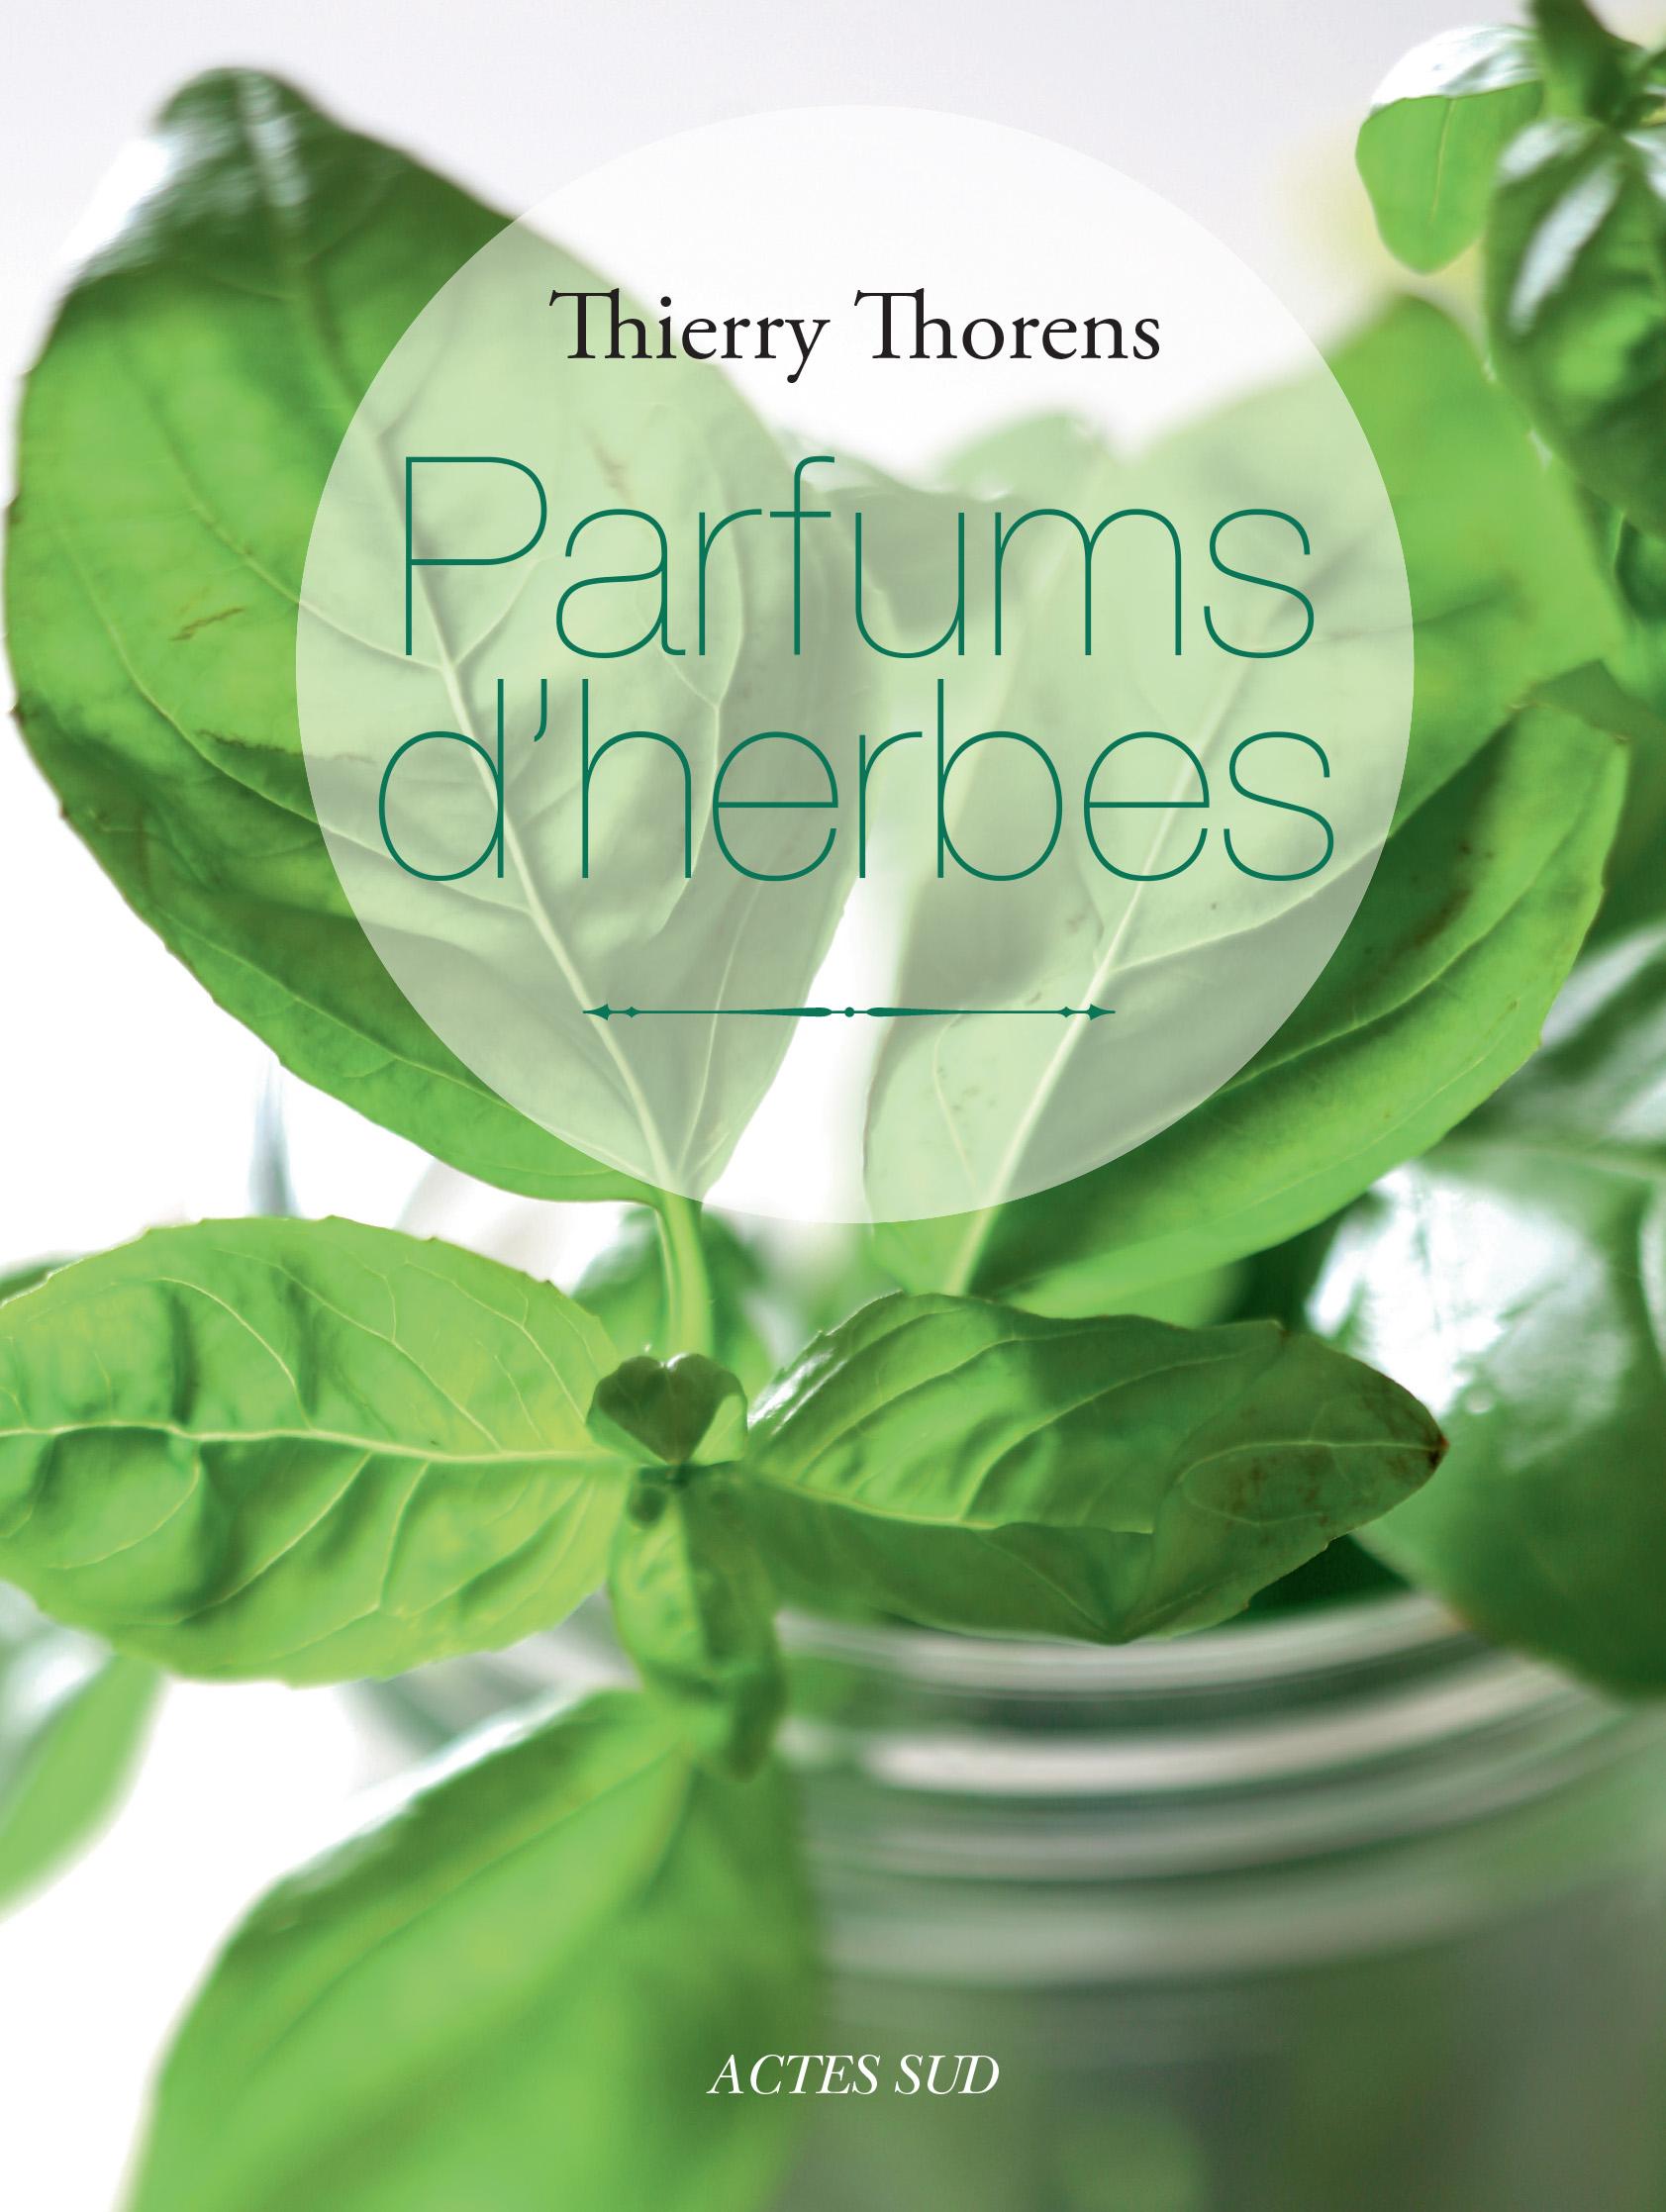 Parfums d'herbes